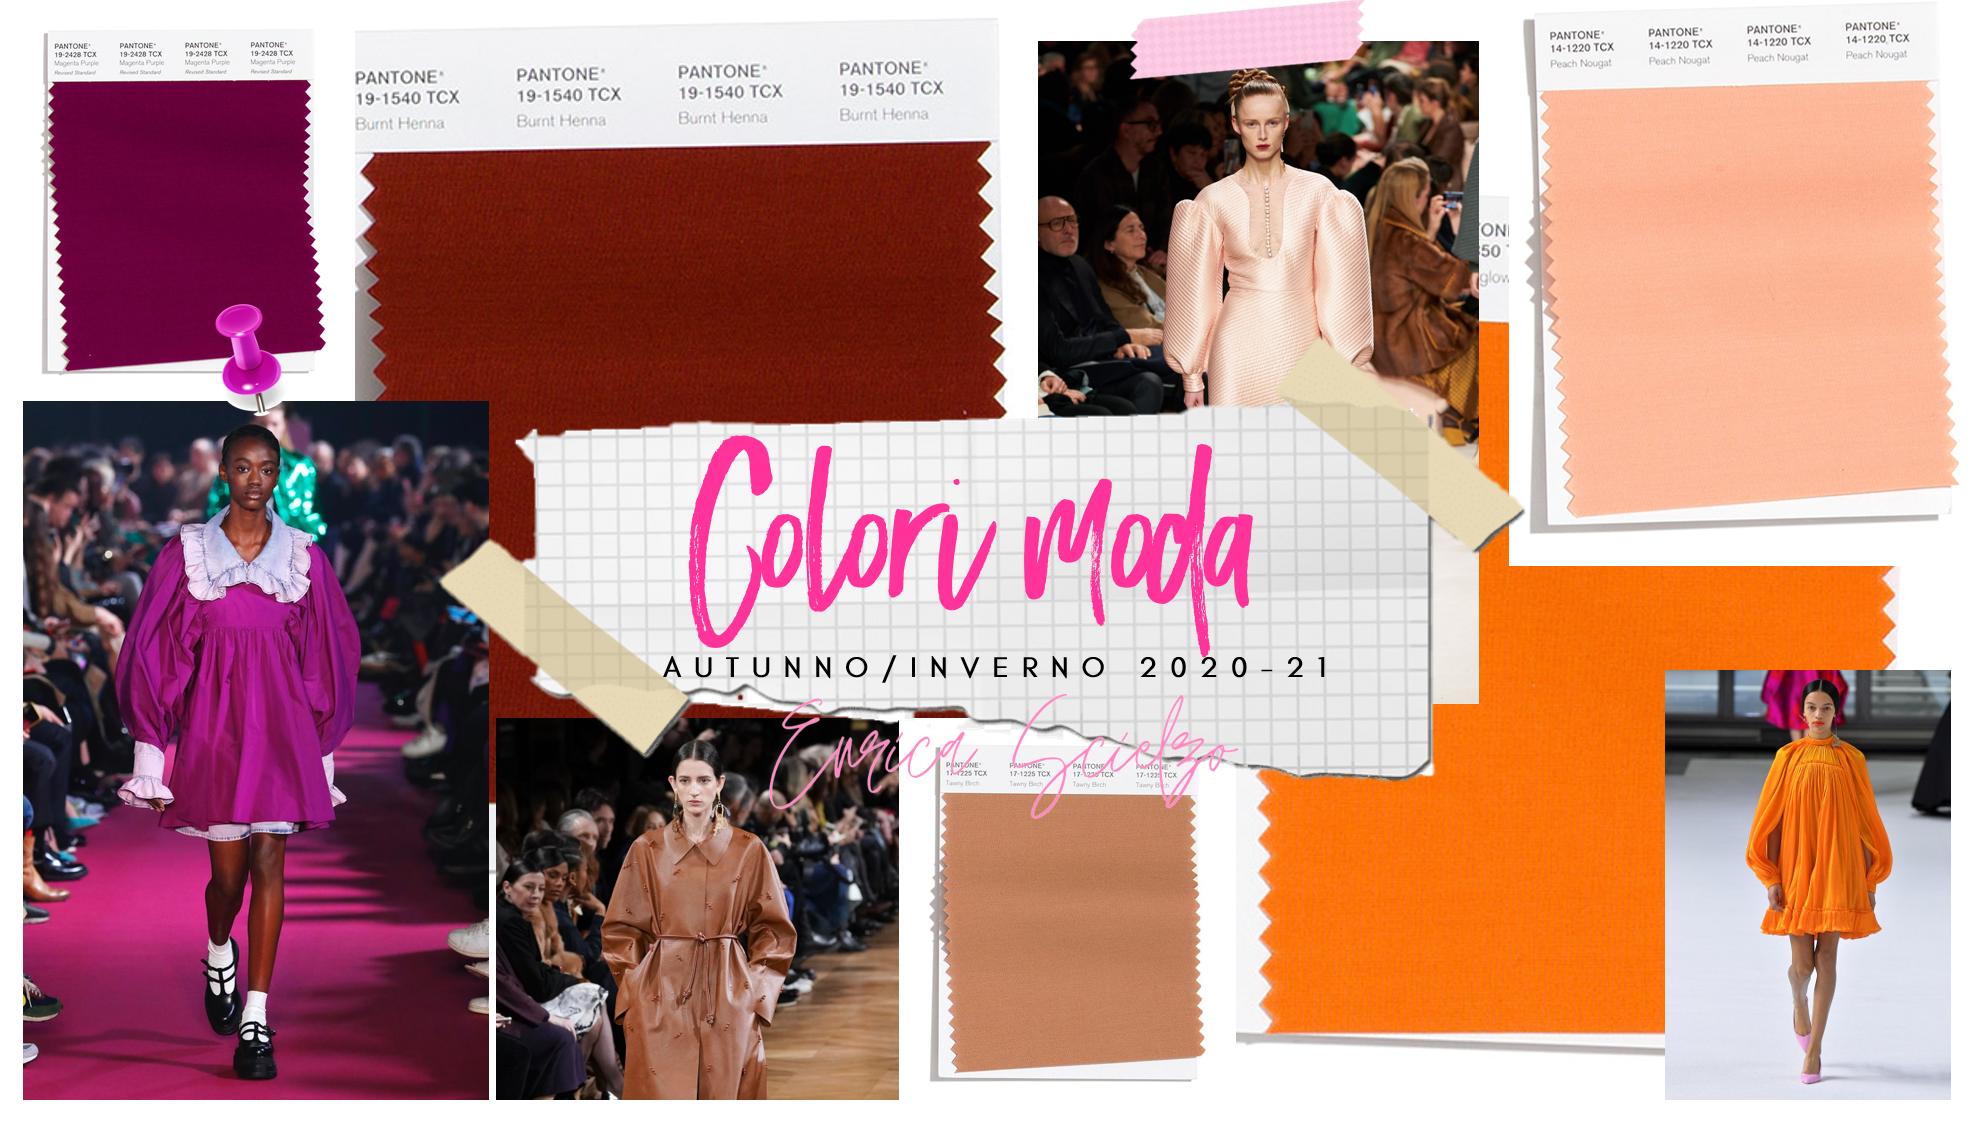 colori moda autunno 2020-21